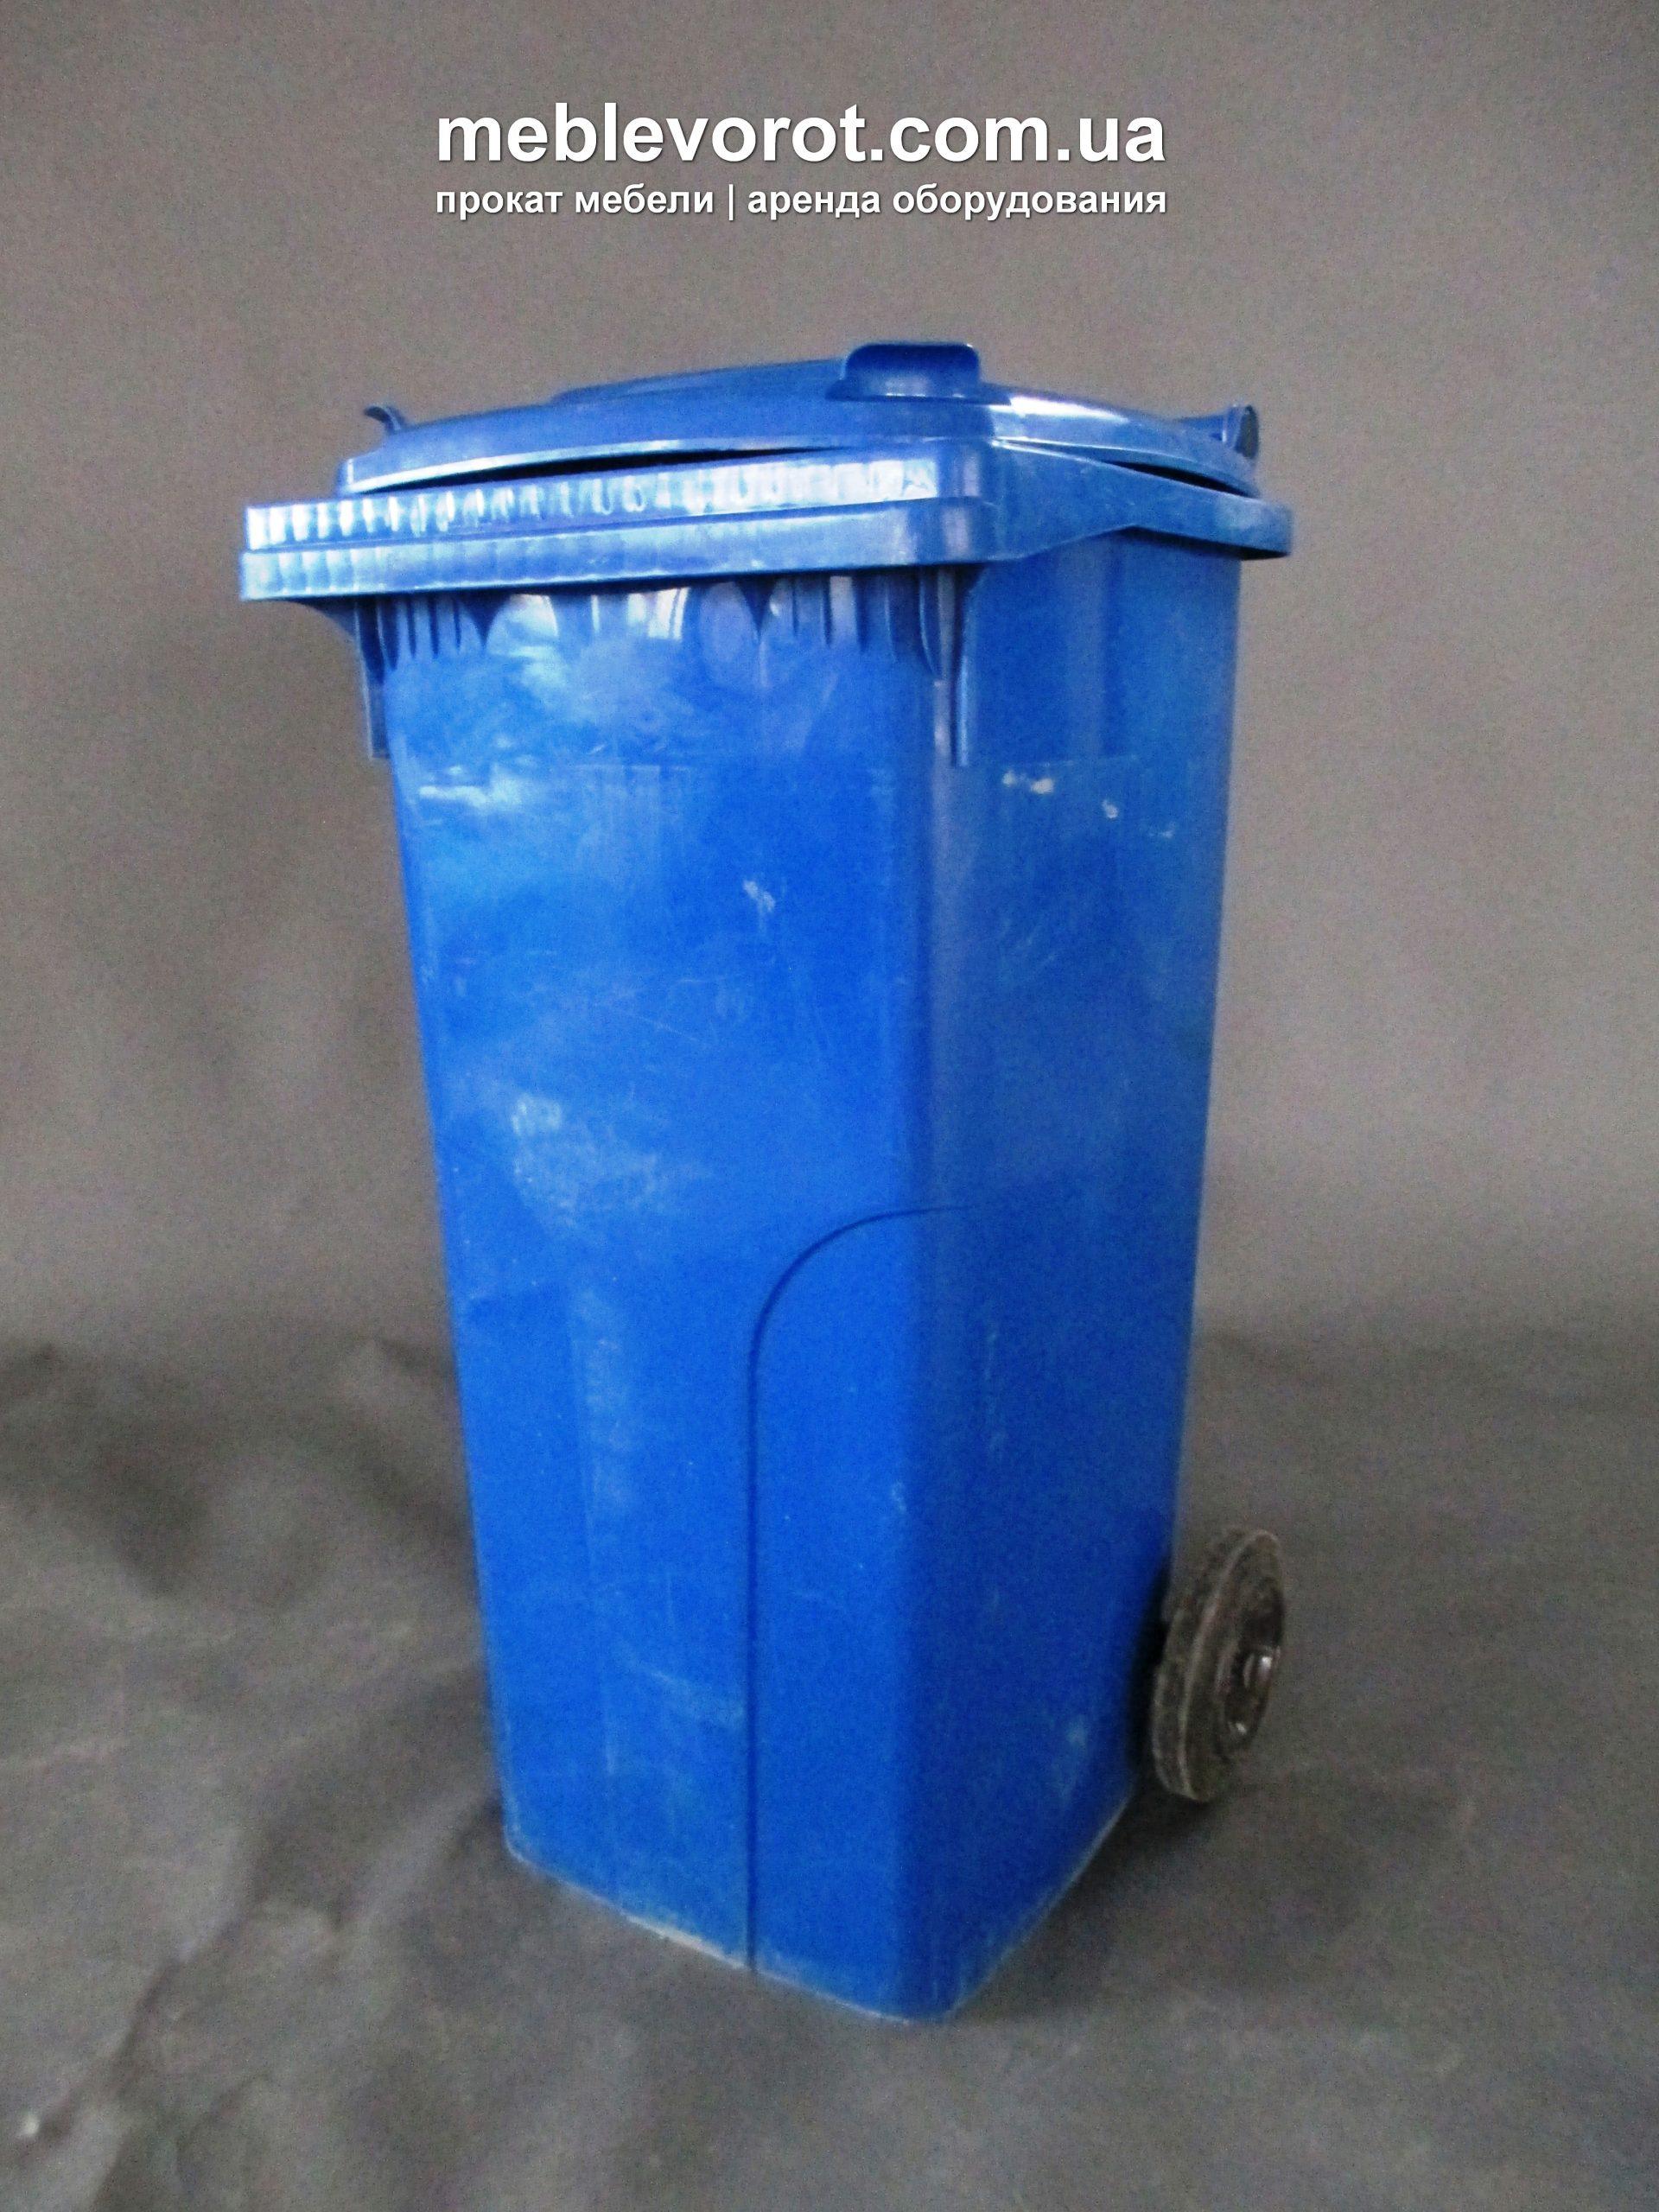 Аренда (прокат) мусорных баков объемом 120 литров по 120 грн/сутки